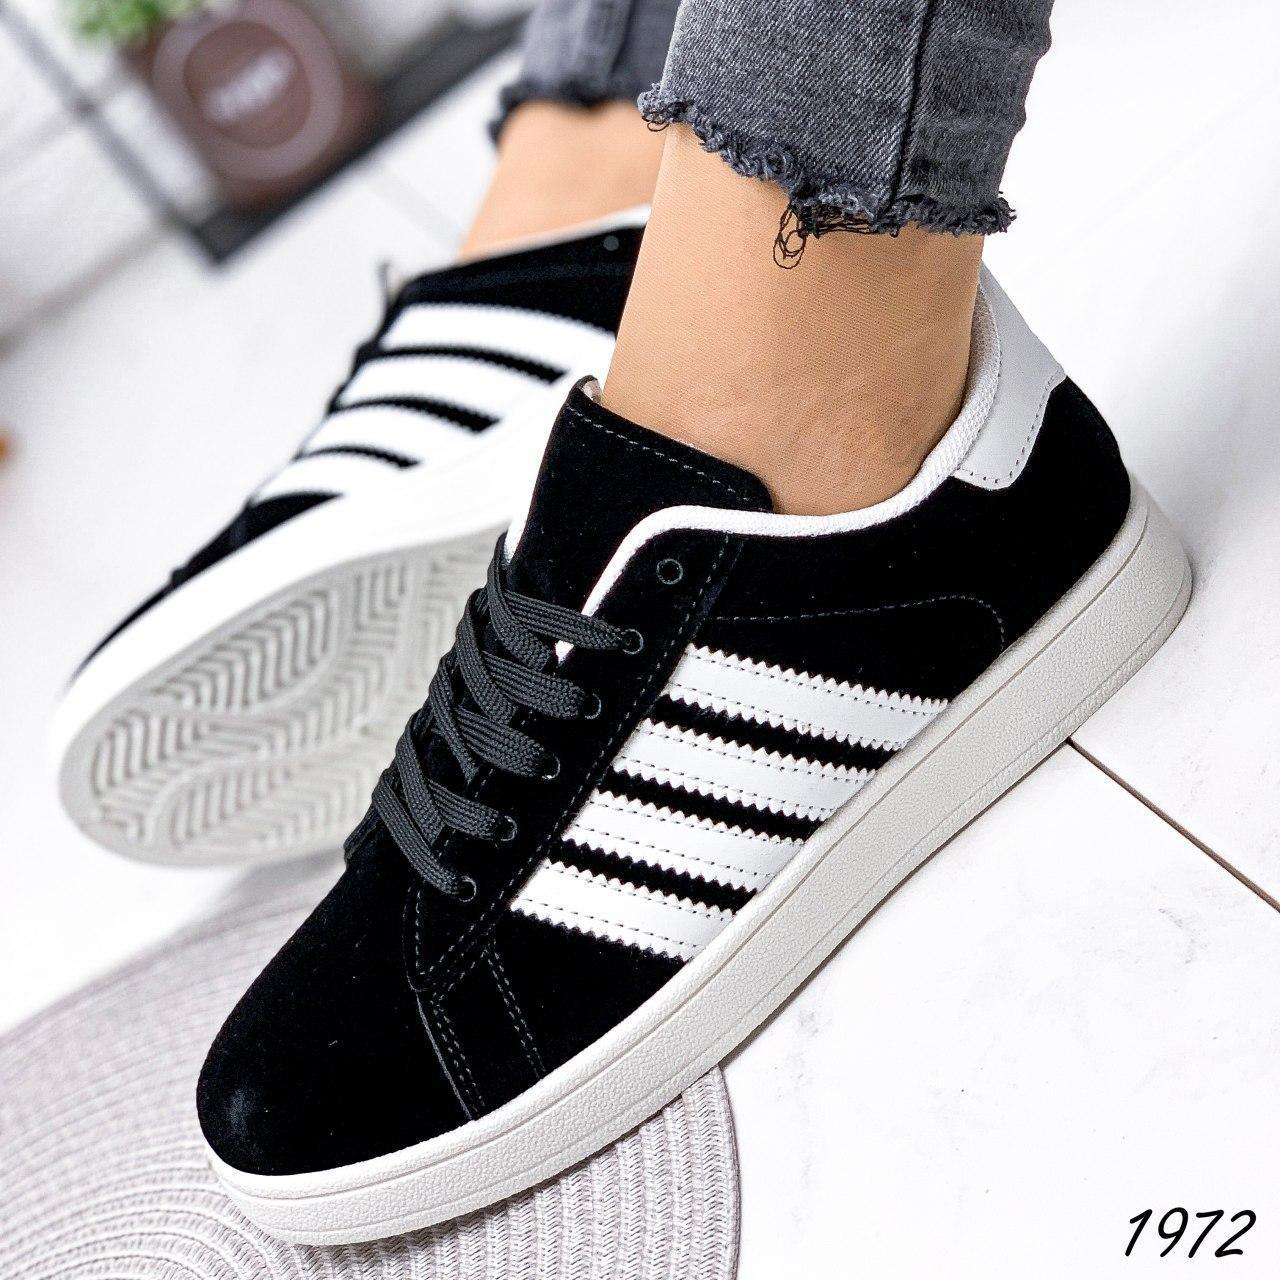 Кроссовки женские черные из эко замши в стиле Adidas. Кросівки жіночі чорні